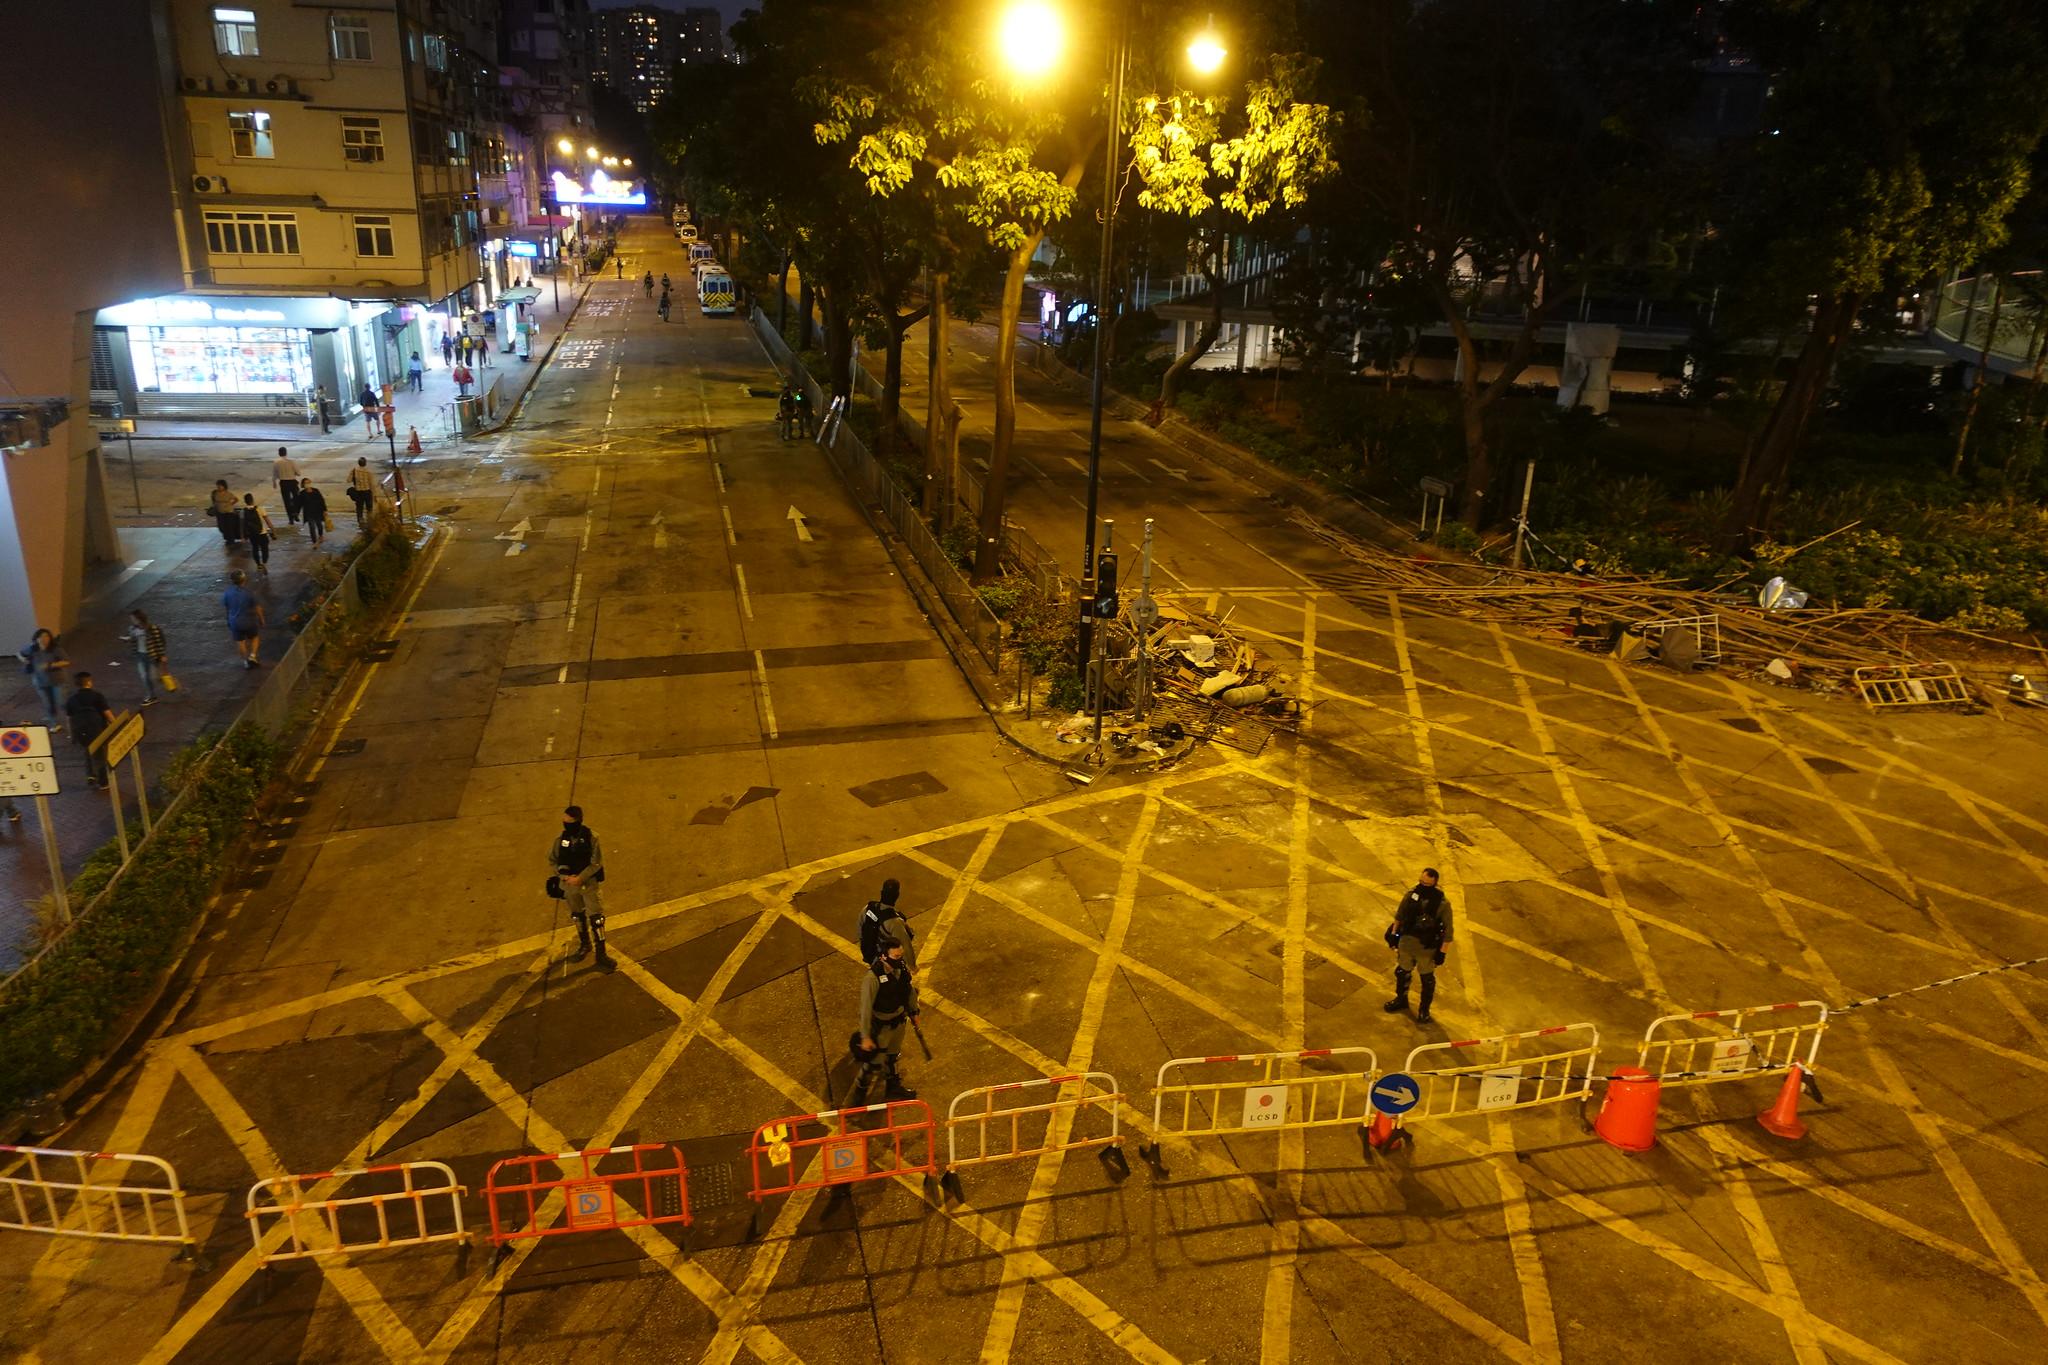 靠近理大的漆咸道南被警方封鎖。(攝影:張智琦)